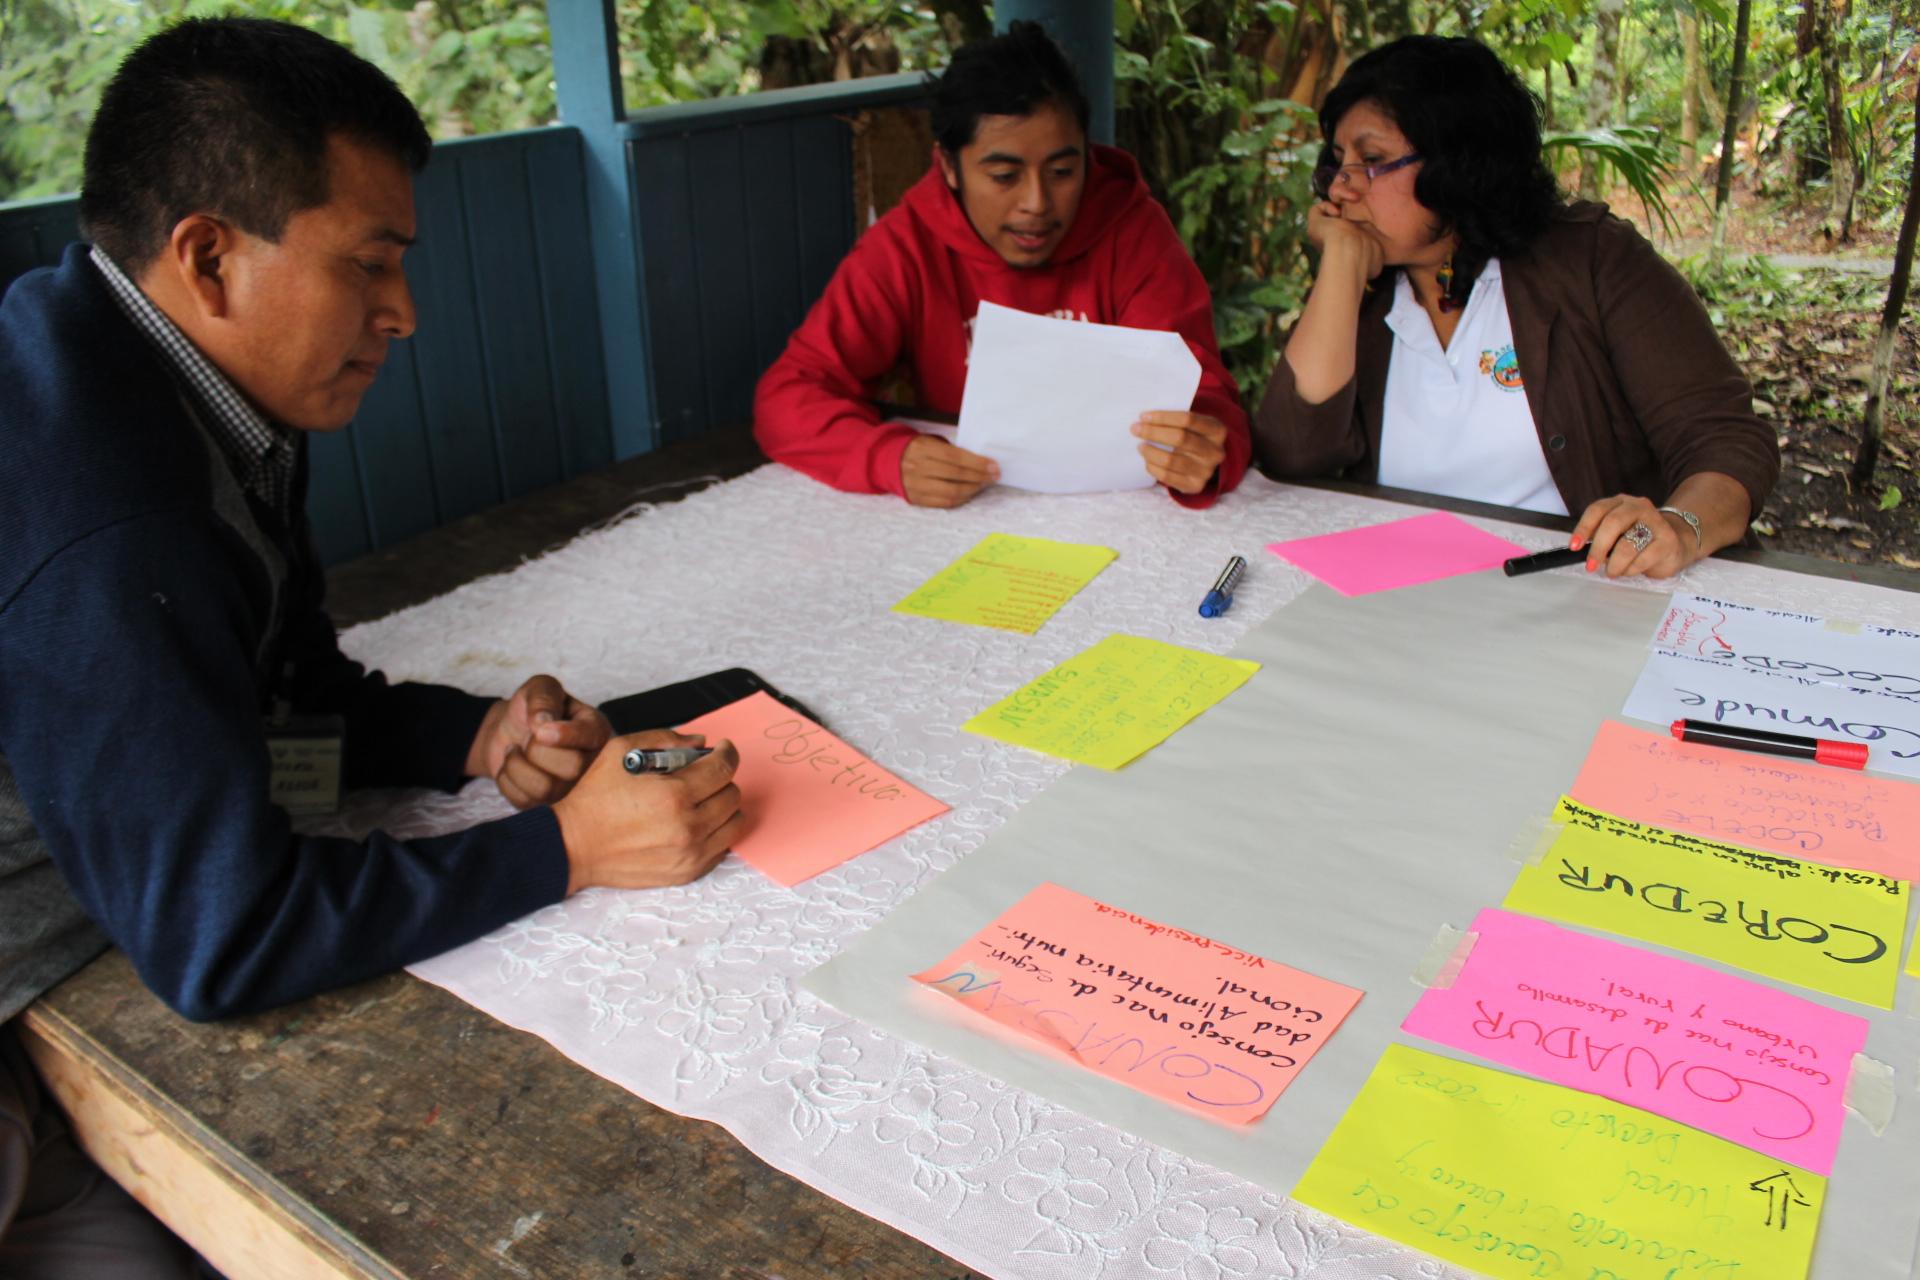 Analizando leyes y marcos regulatorios nacionales e internacionales definidas para la gobernanza de la reducción de riesgos a desastres